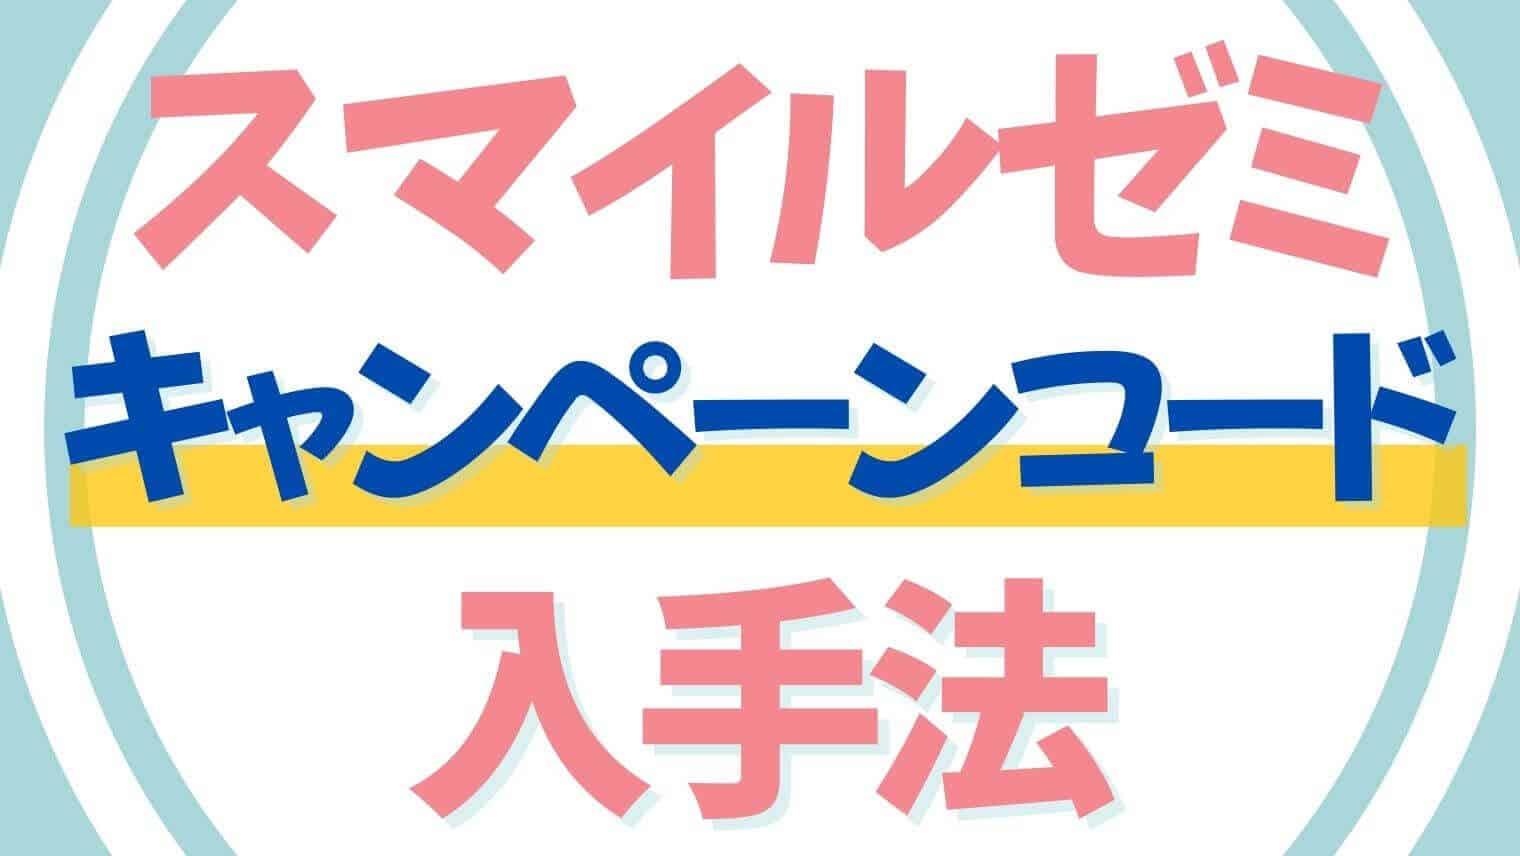 スマイルゼミ(スマゼミ)のキャンペーンコード【←最速で入手する方法はこちら】